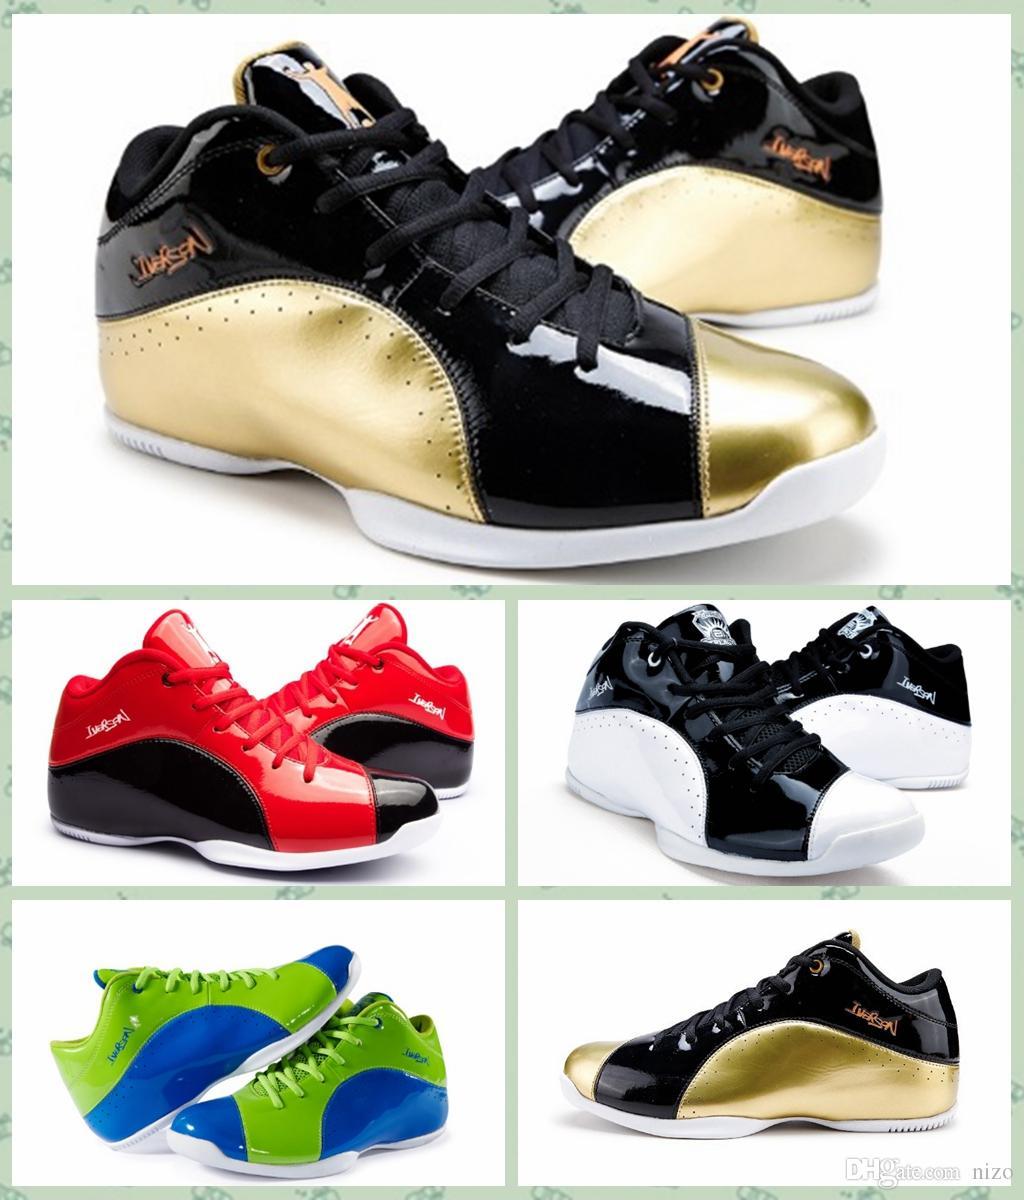 2016 Allen Iverson Shoes High Quality Allen Ivrson